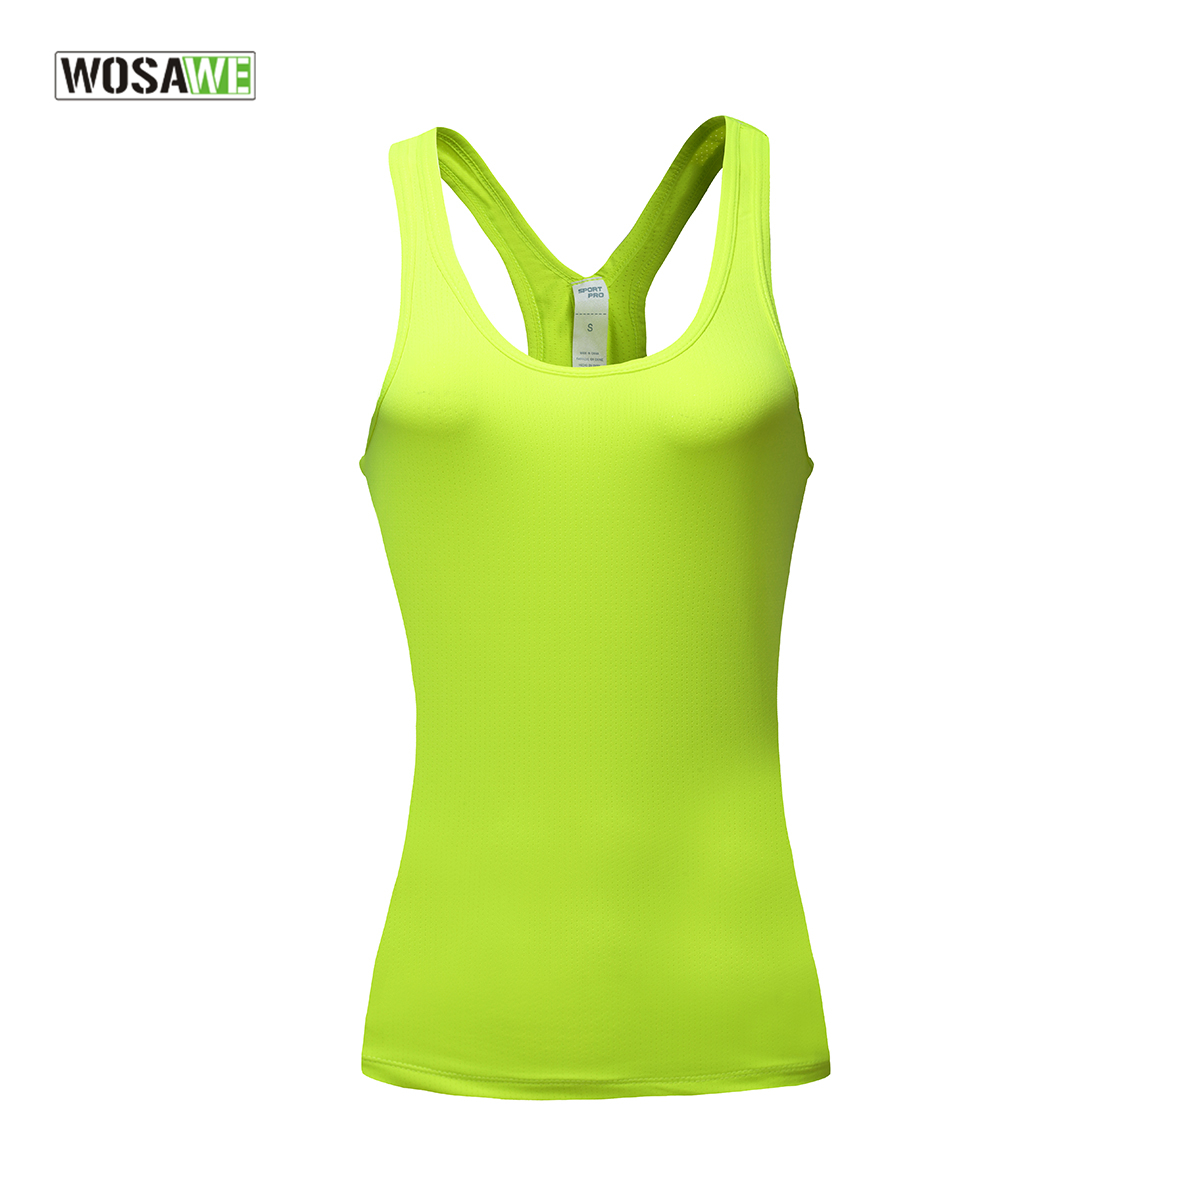 WOSAWE Atmungs Radfahren Weste Sexy Weibliche Fitness Weste Gym Yoga Lauf Oben Sport Weste Kleidung Kreuz Schulter Gurt